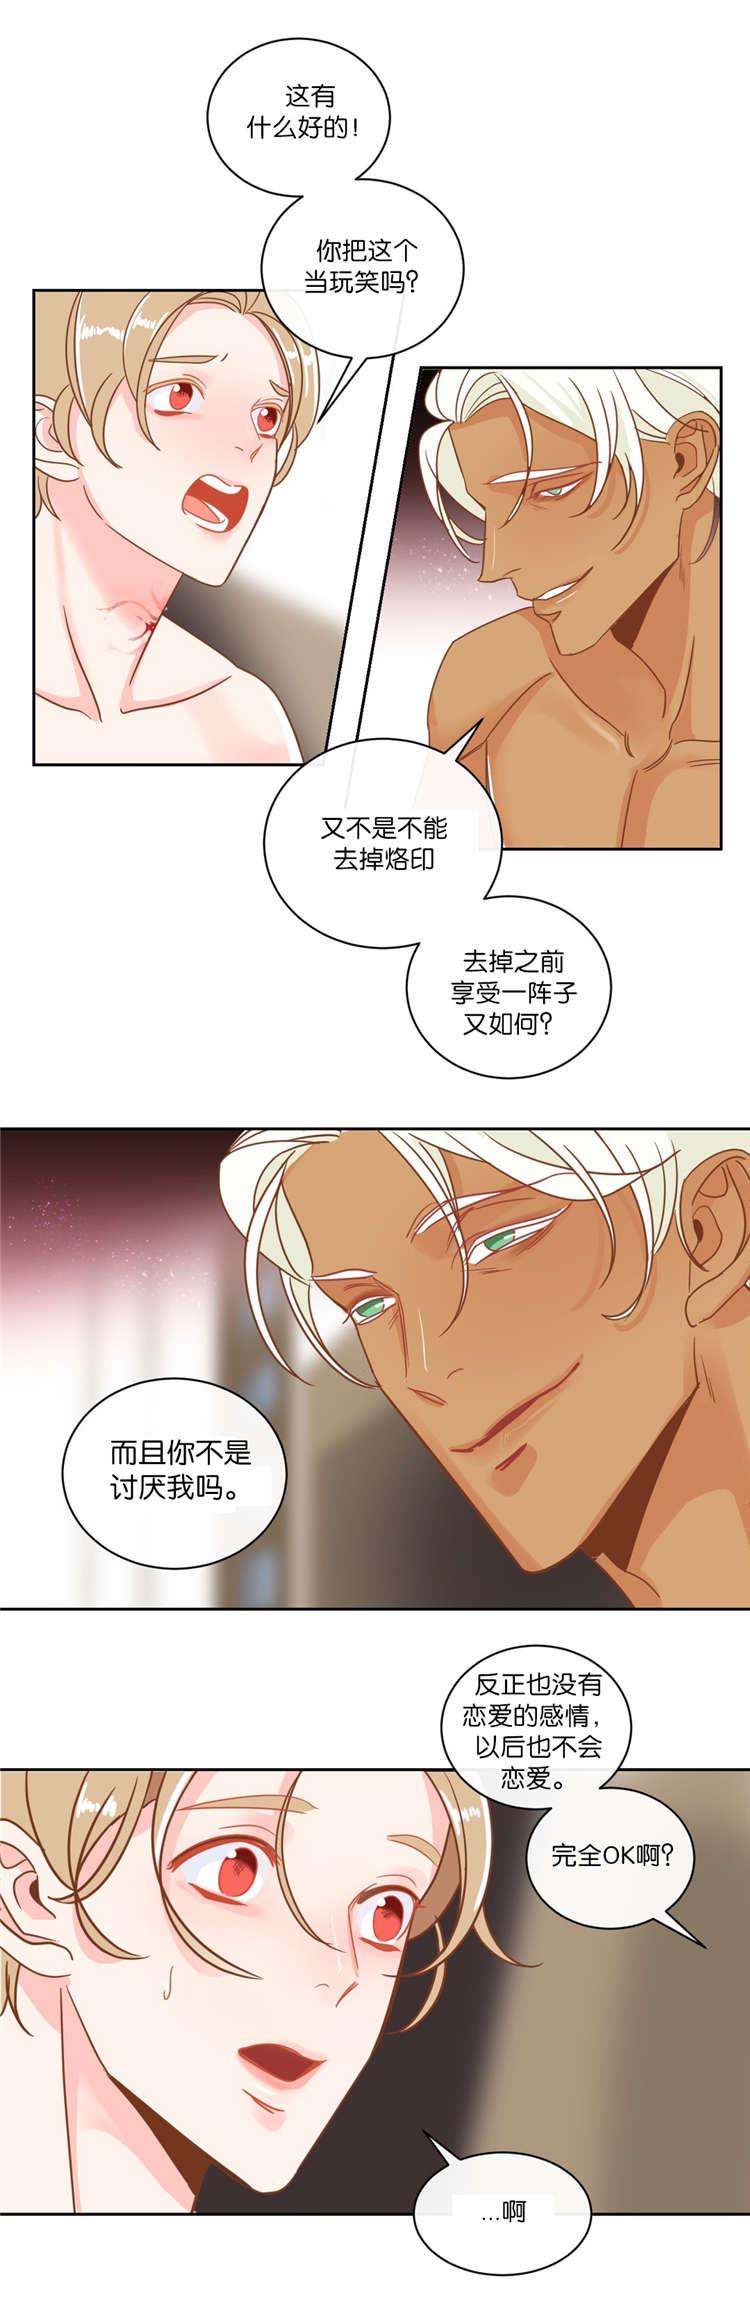 《蛇男》(漫画韩漫) (全集免费阅读)